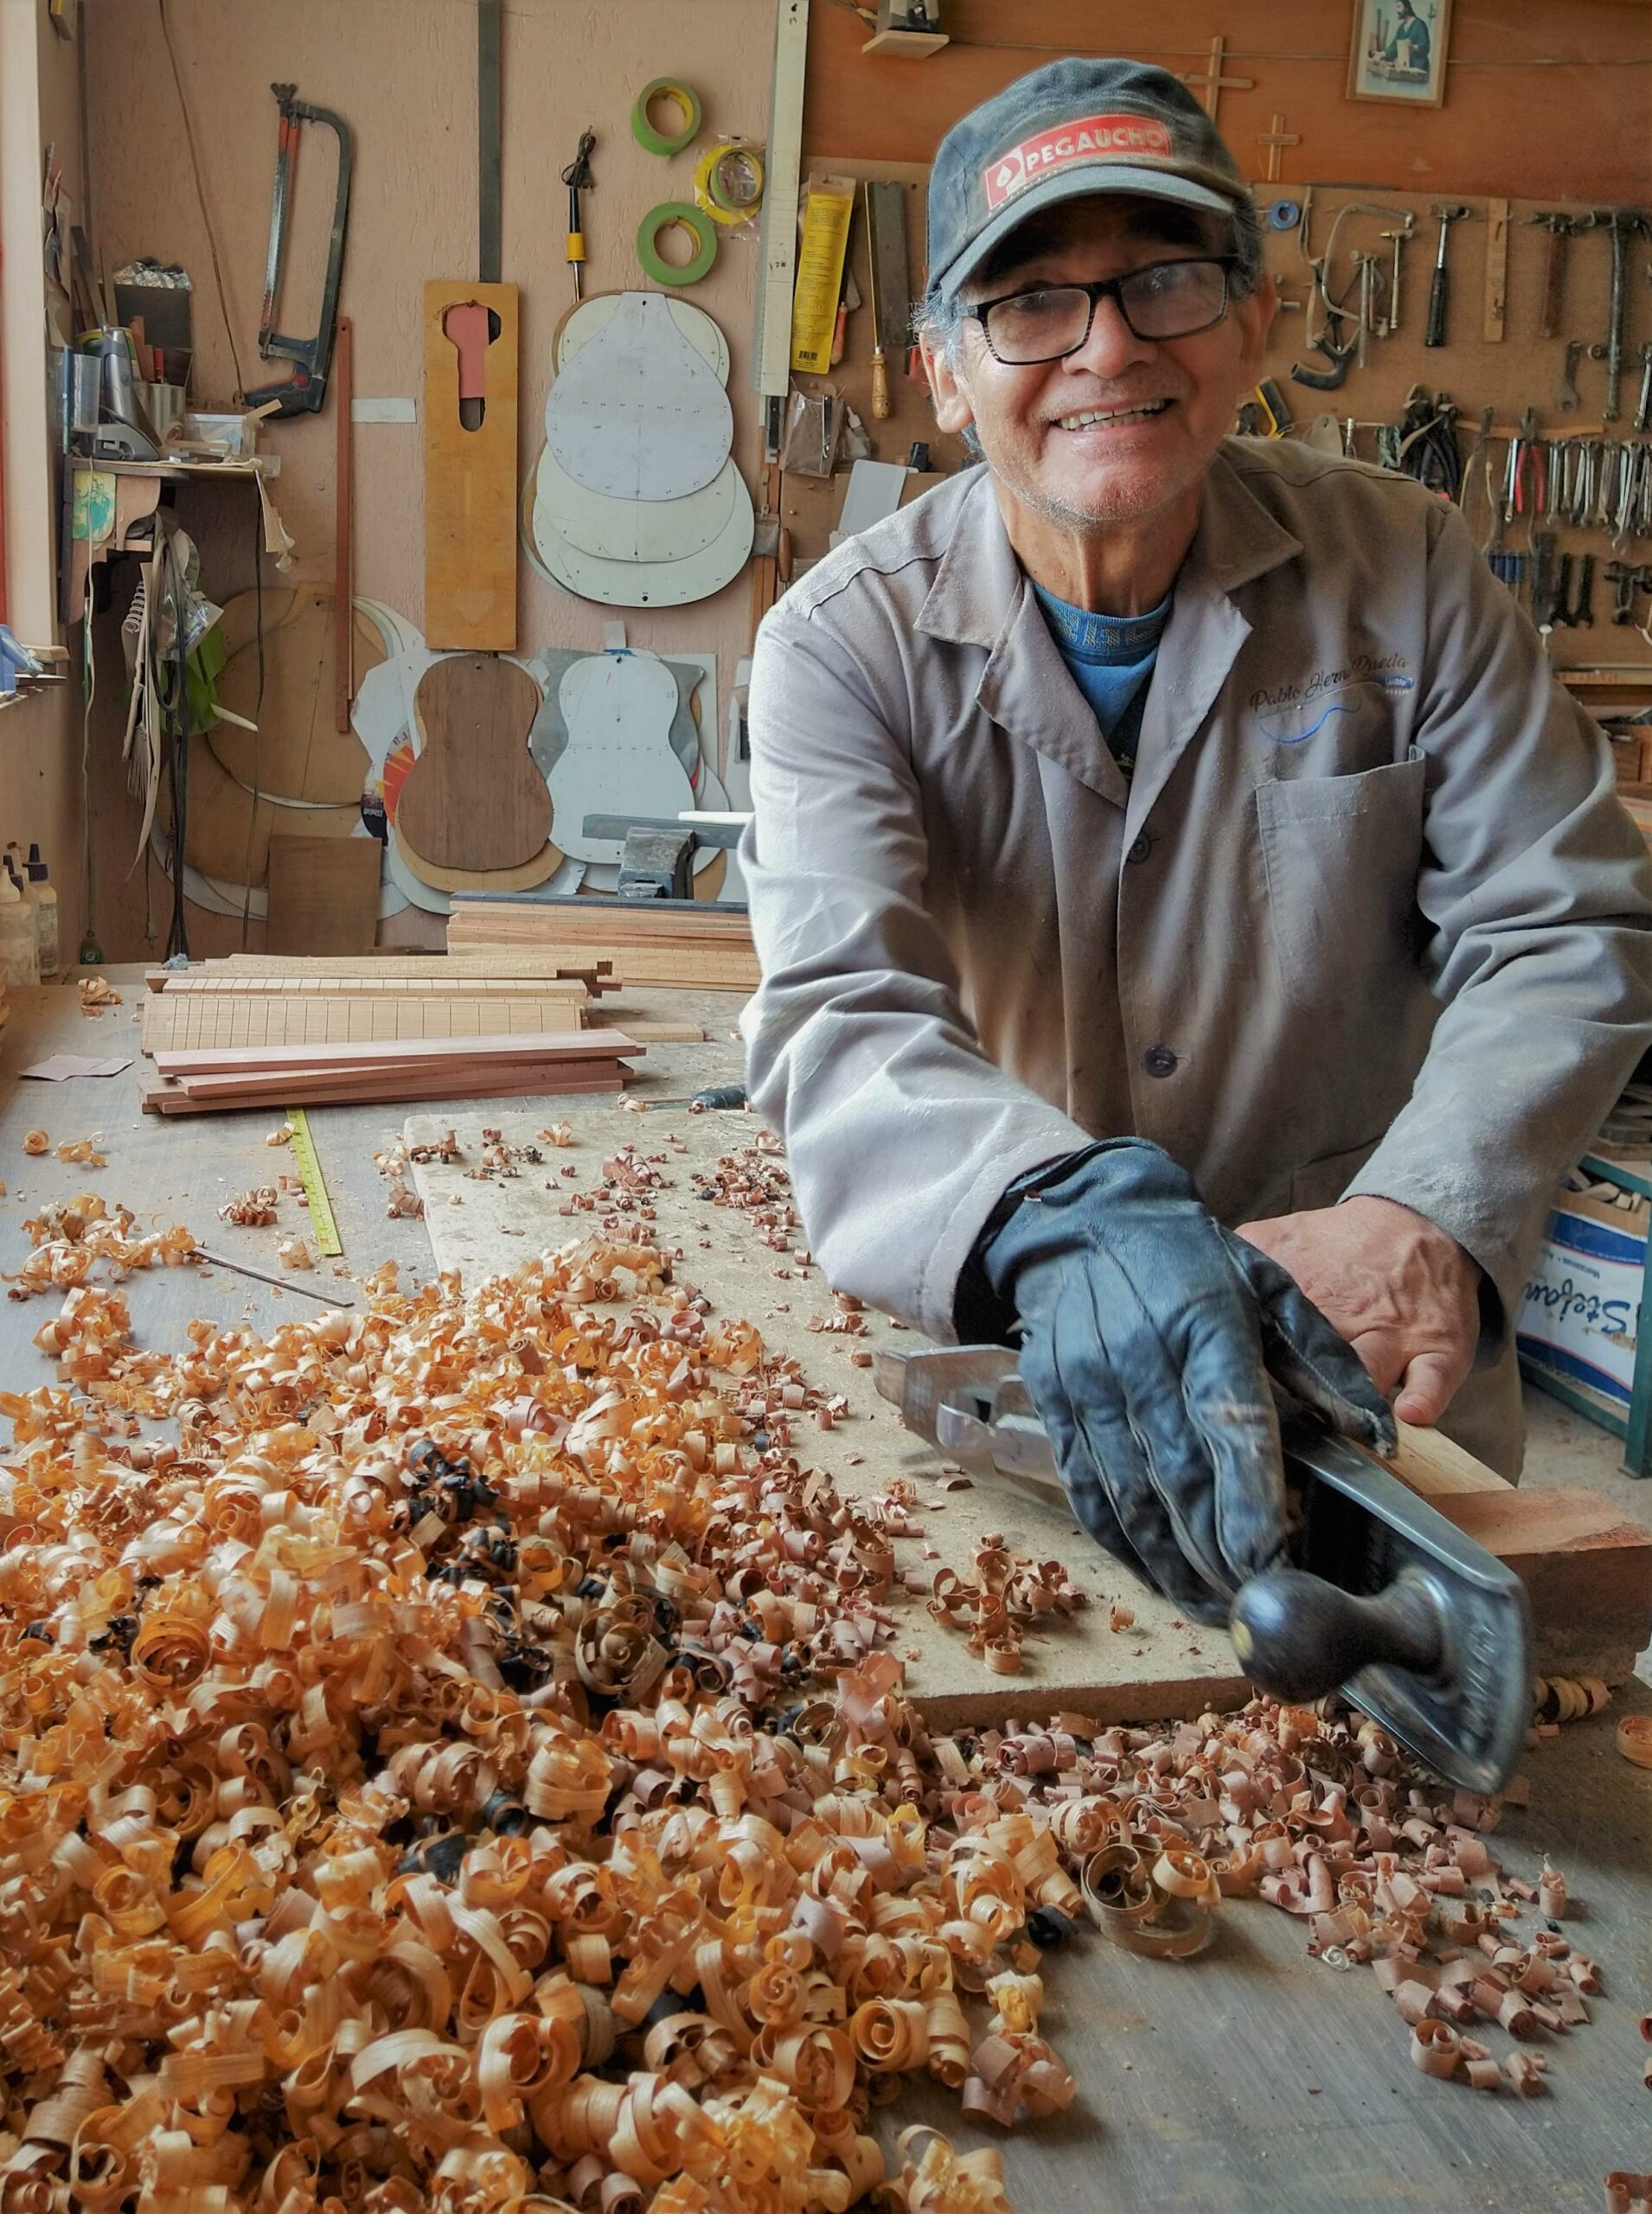 En su taller se han fabricado verdaderas piezas de colección. Fotografía. Archivo particular.